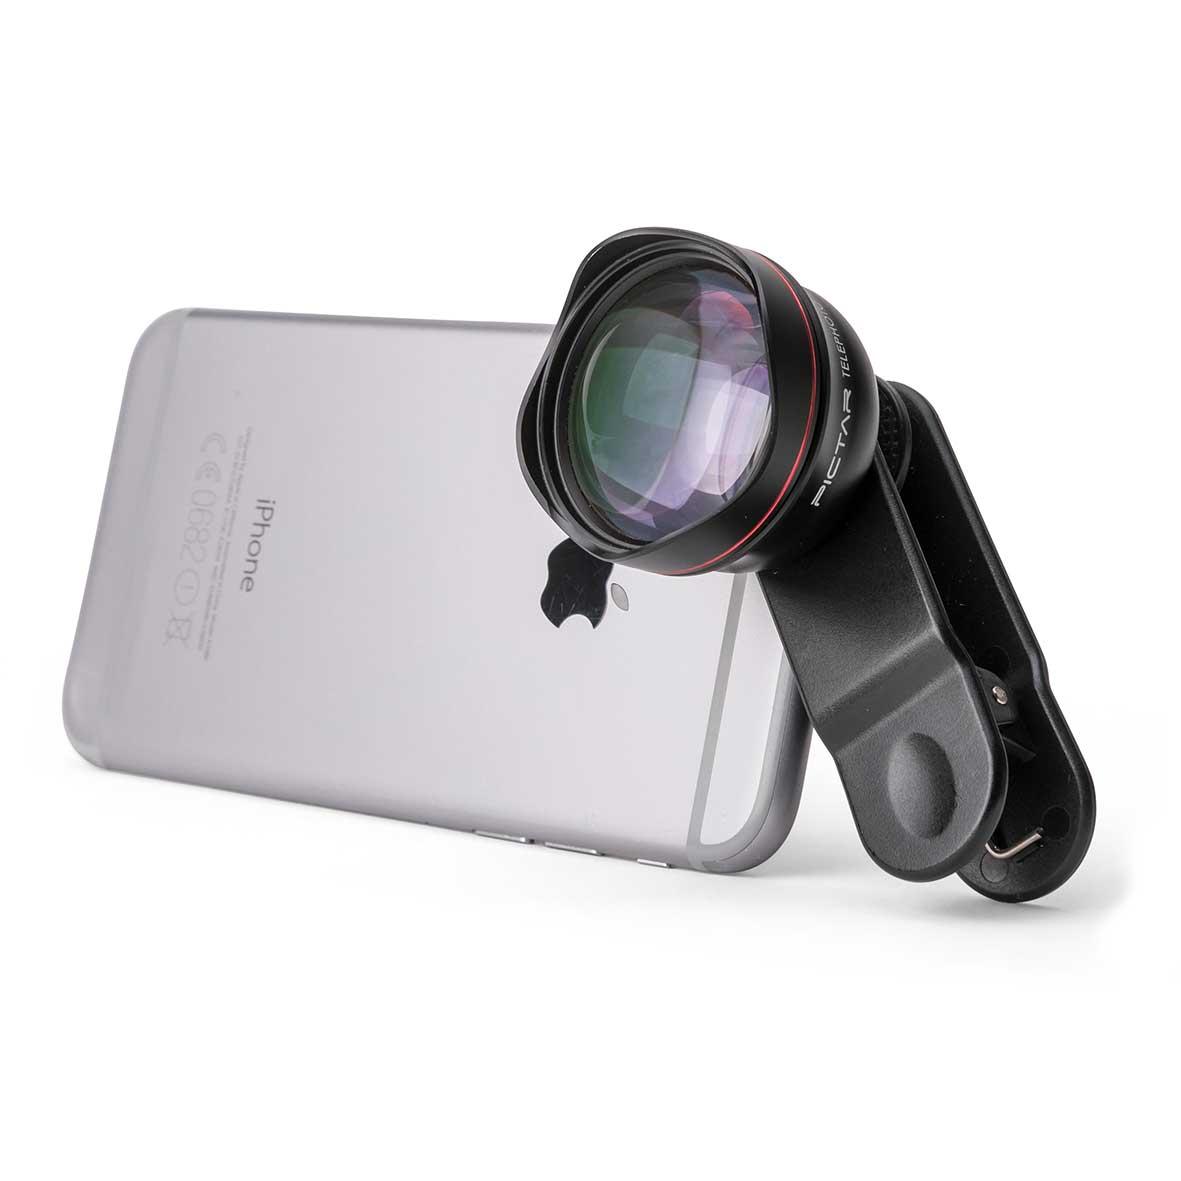 Pictar Smart Lens